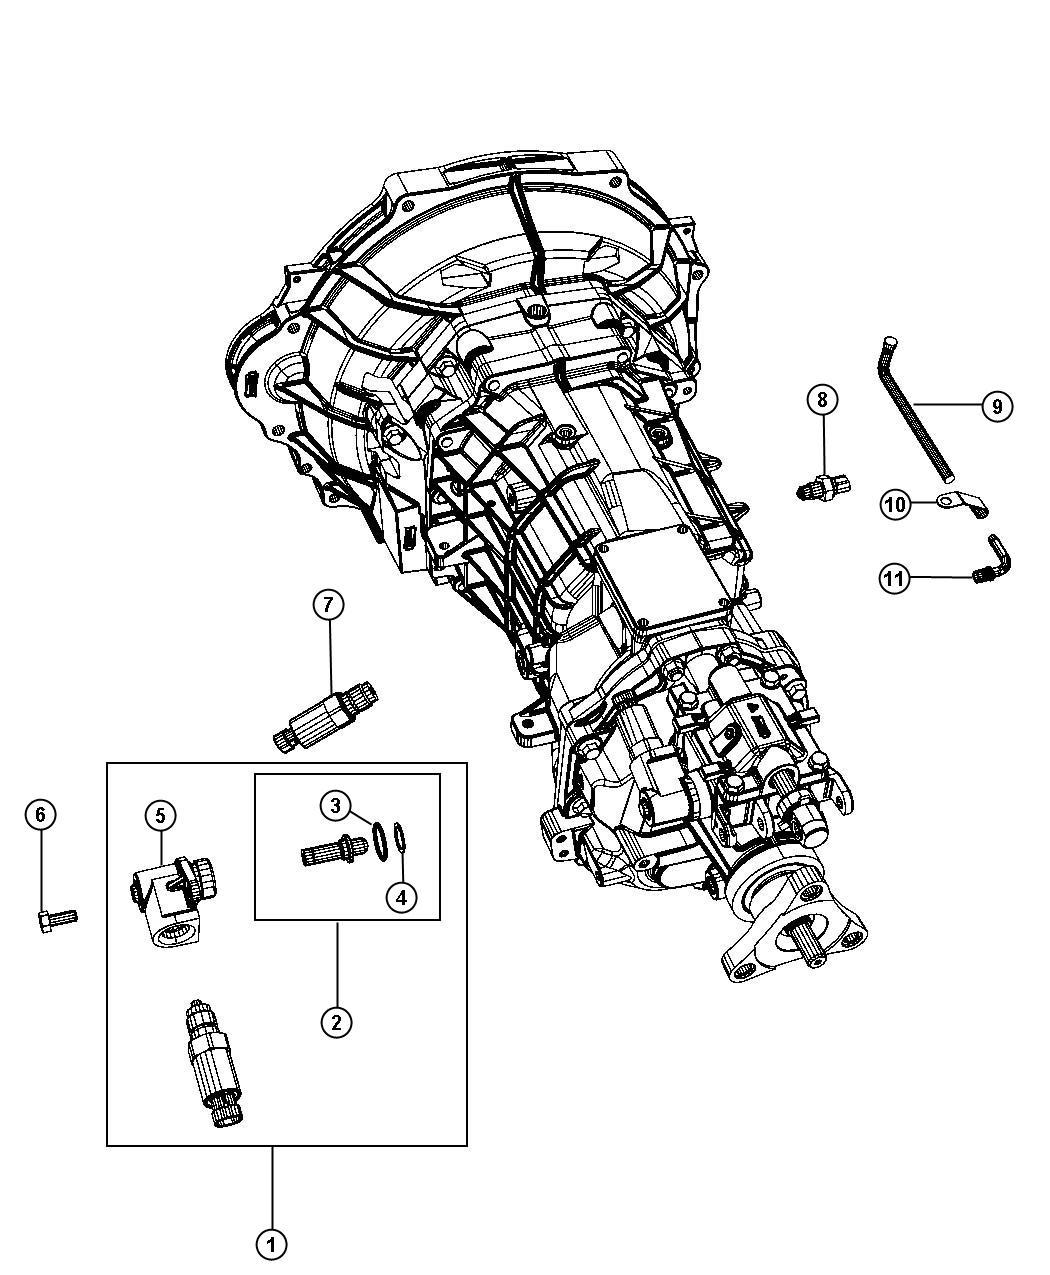 2013 Dodge Challenger Solenoid. Transmission skip shift